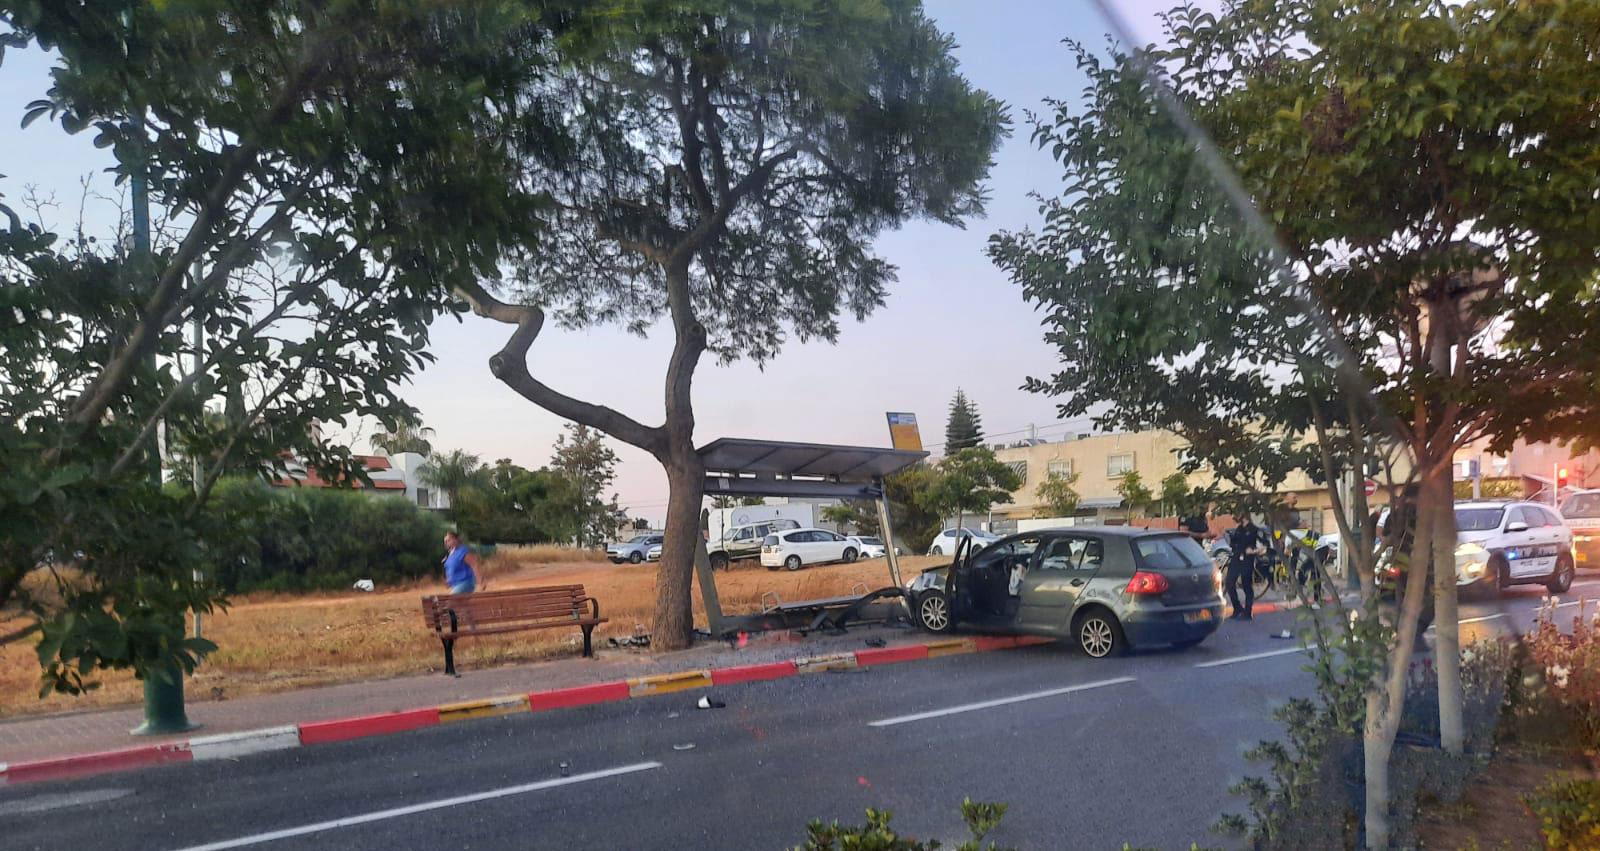 תאונת דרכים ברחוב הבריגדה היהודית הרצליה 18.05.2021